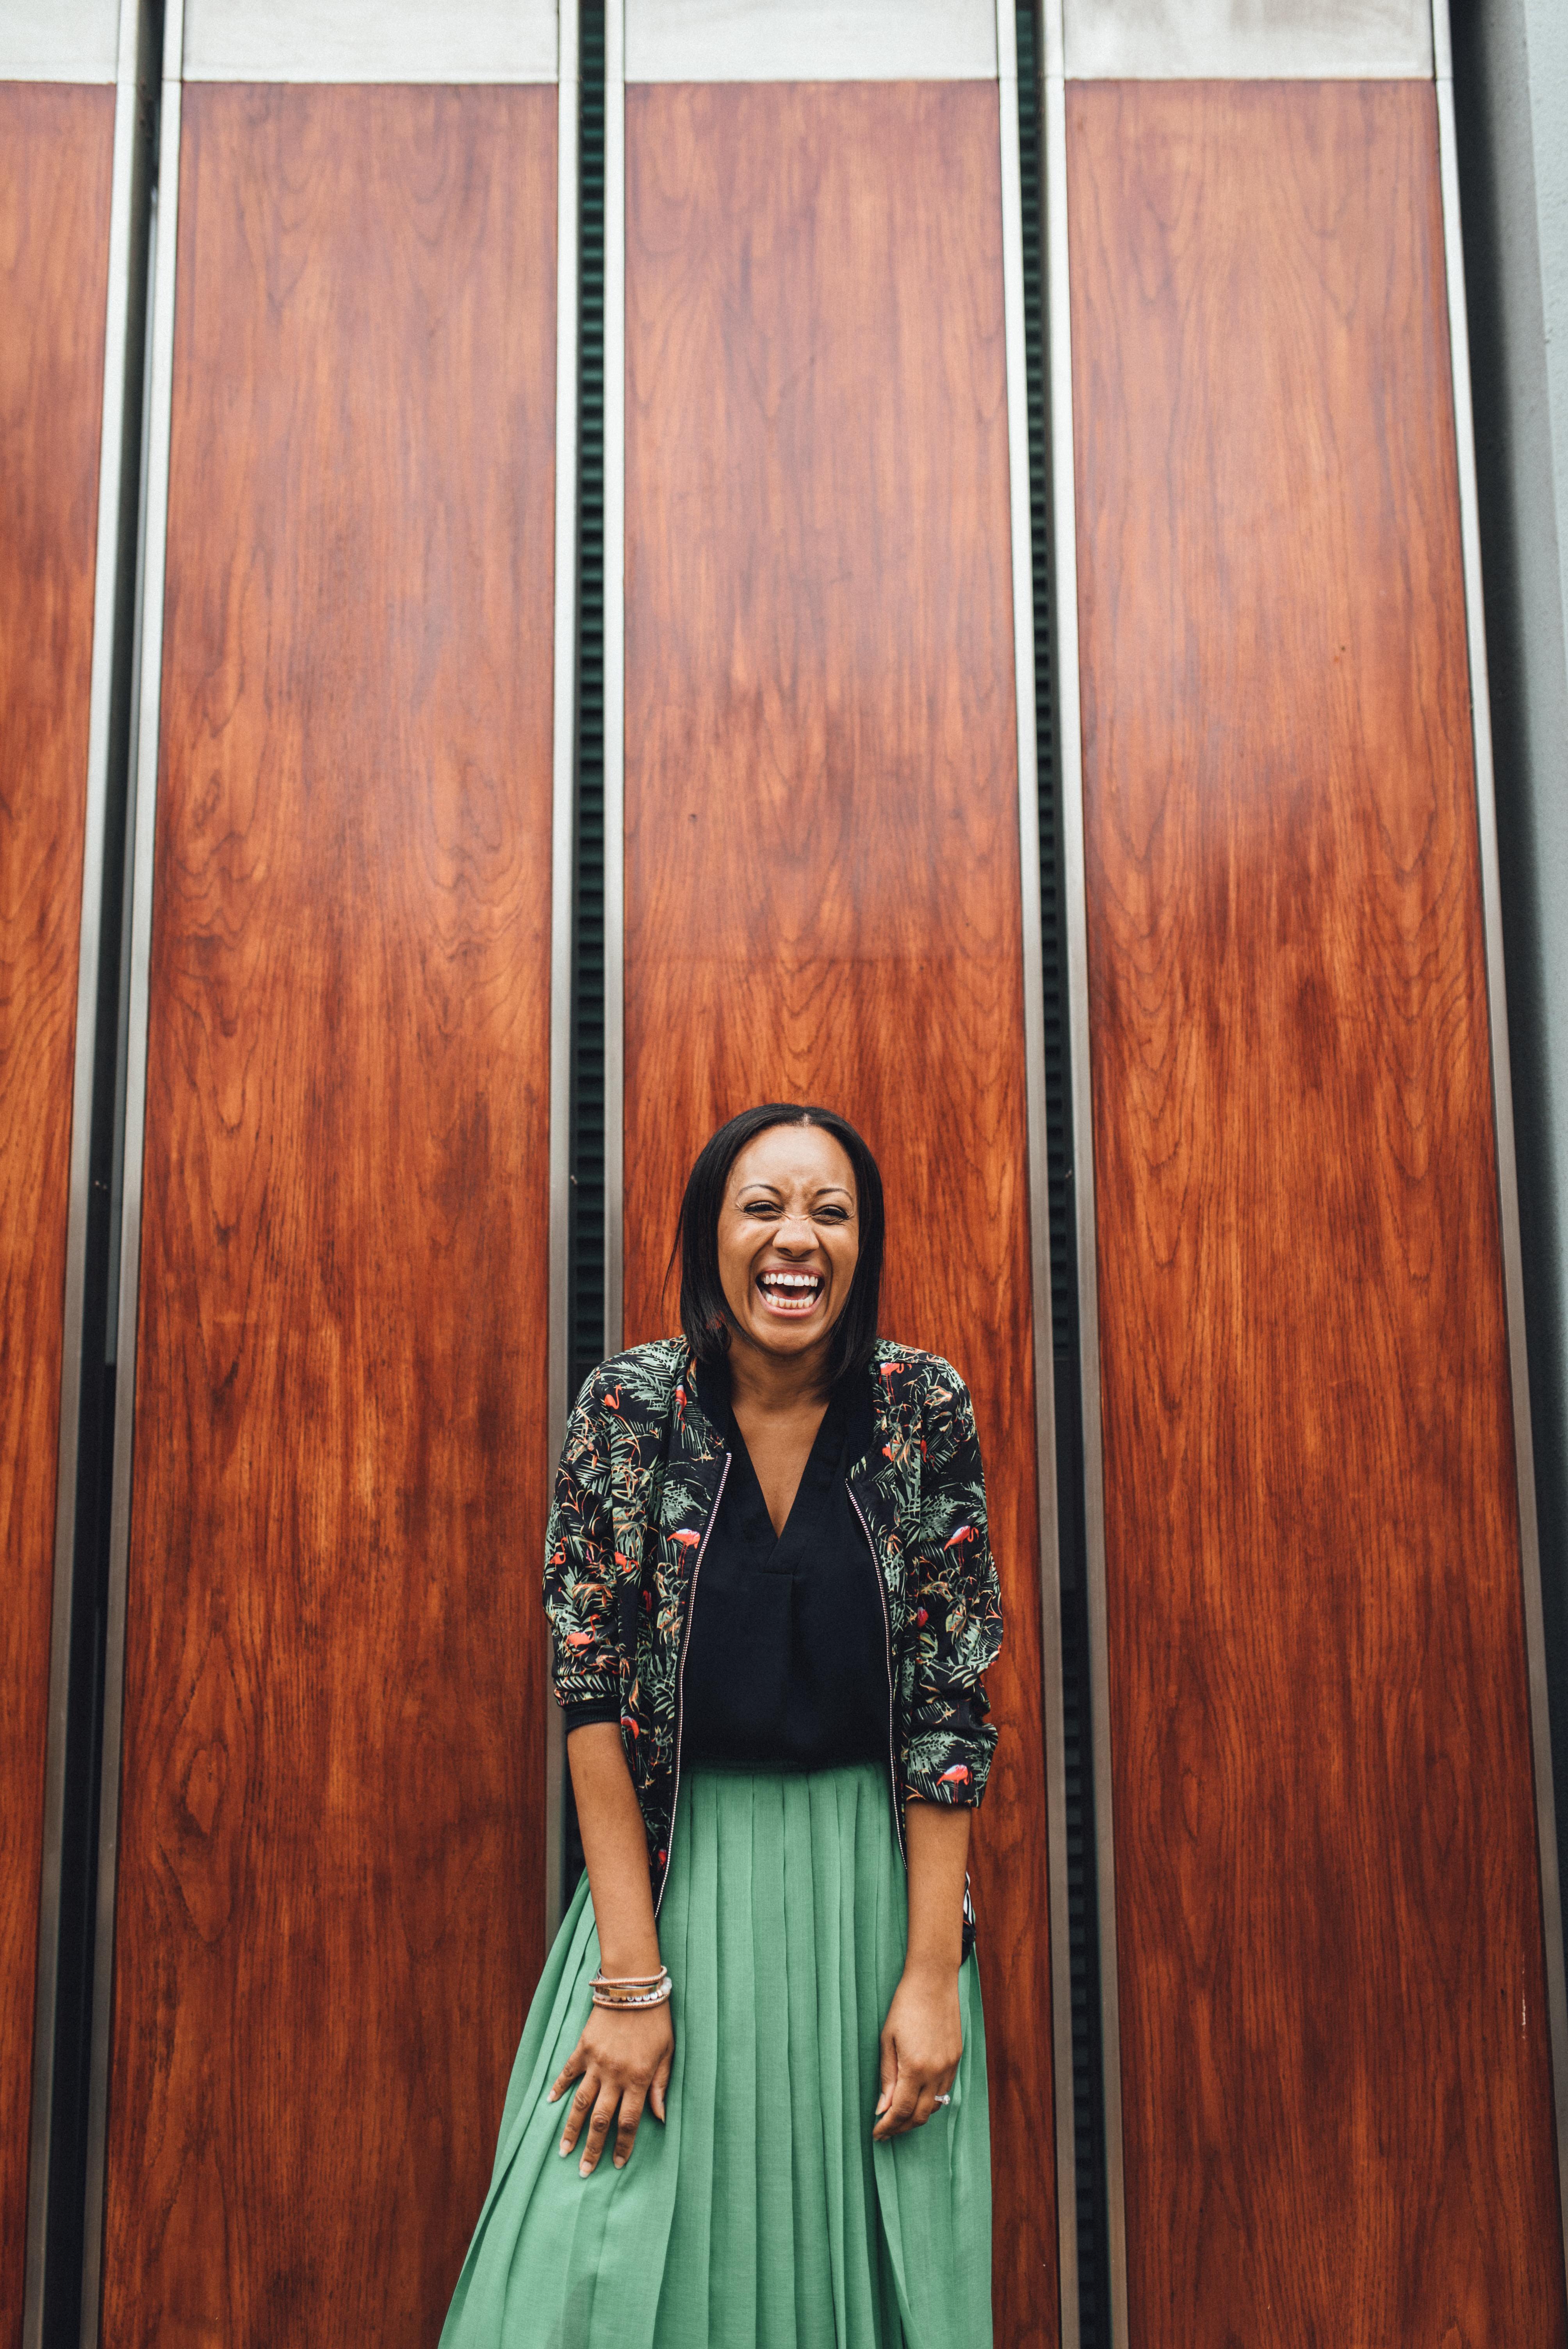 Laughing, smiling woman. Fun london branding shoot